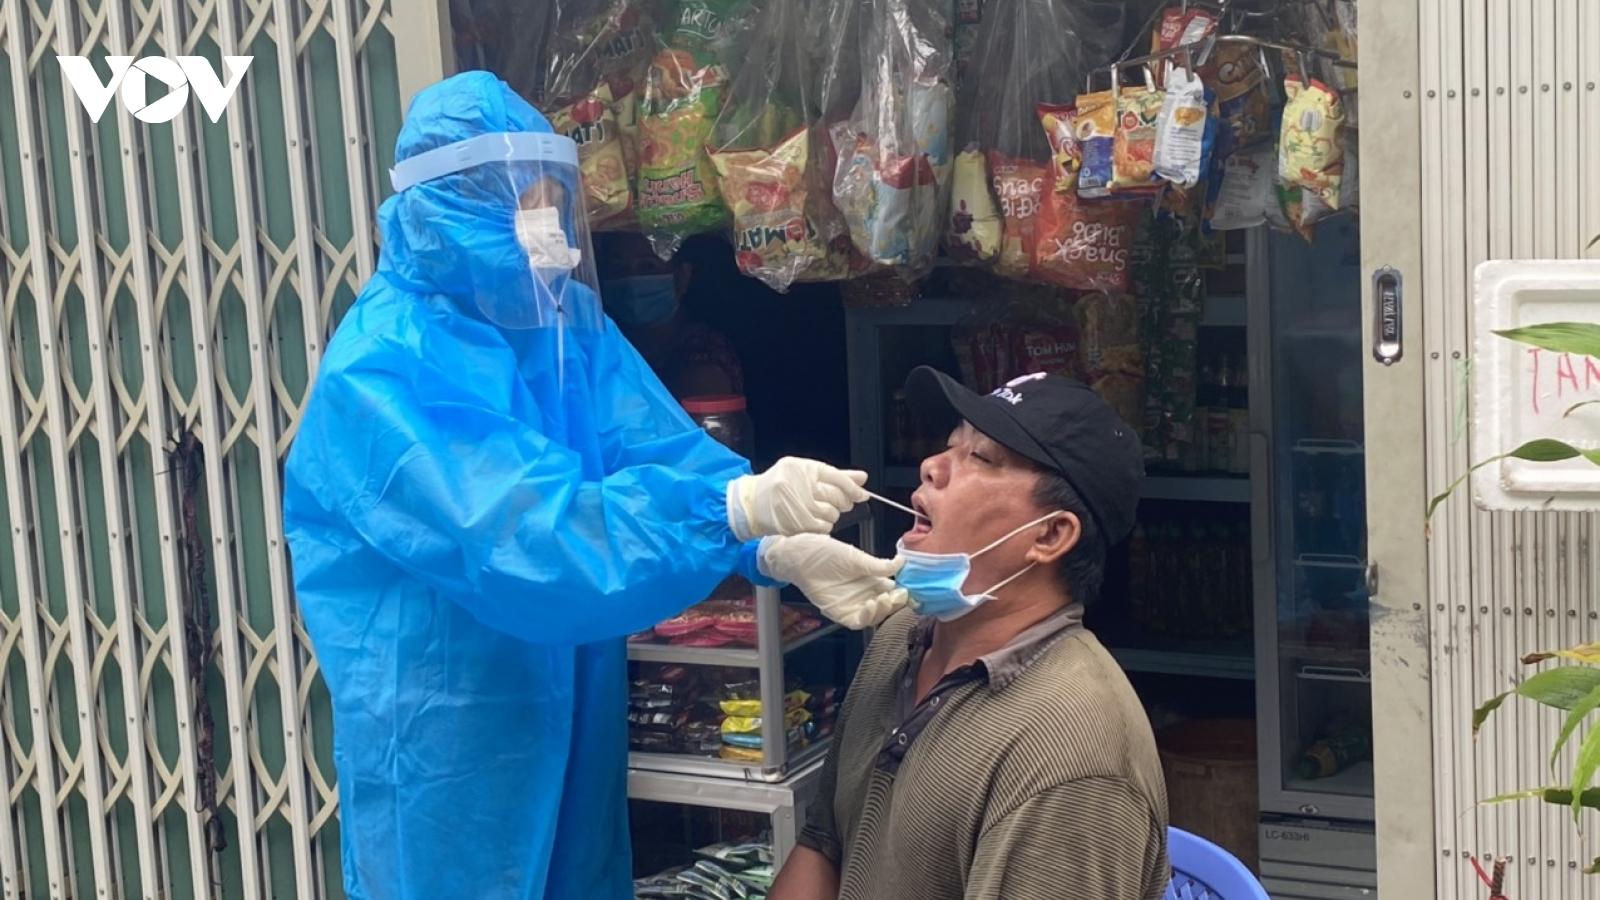 Kiên Giang xét nghiệmtoàn dân ở xã đảo Hòn Tre, phát hiện 1 trường hợp dương tính